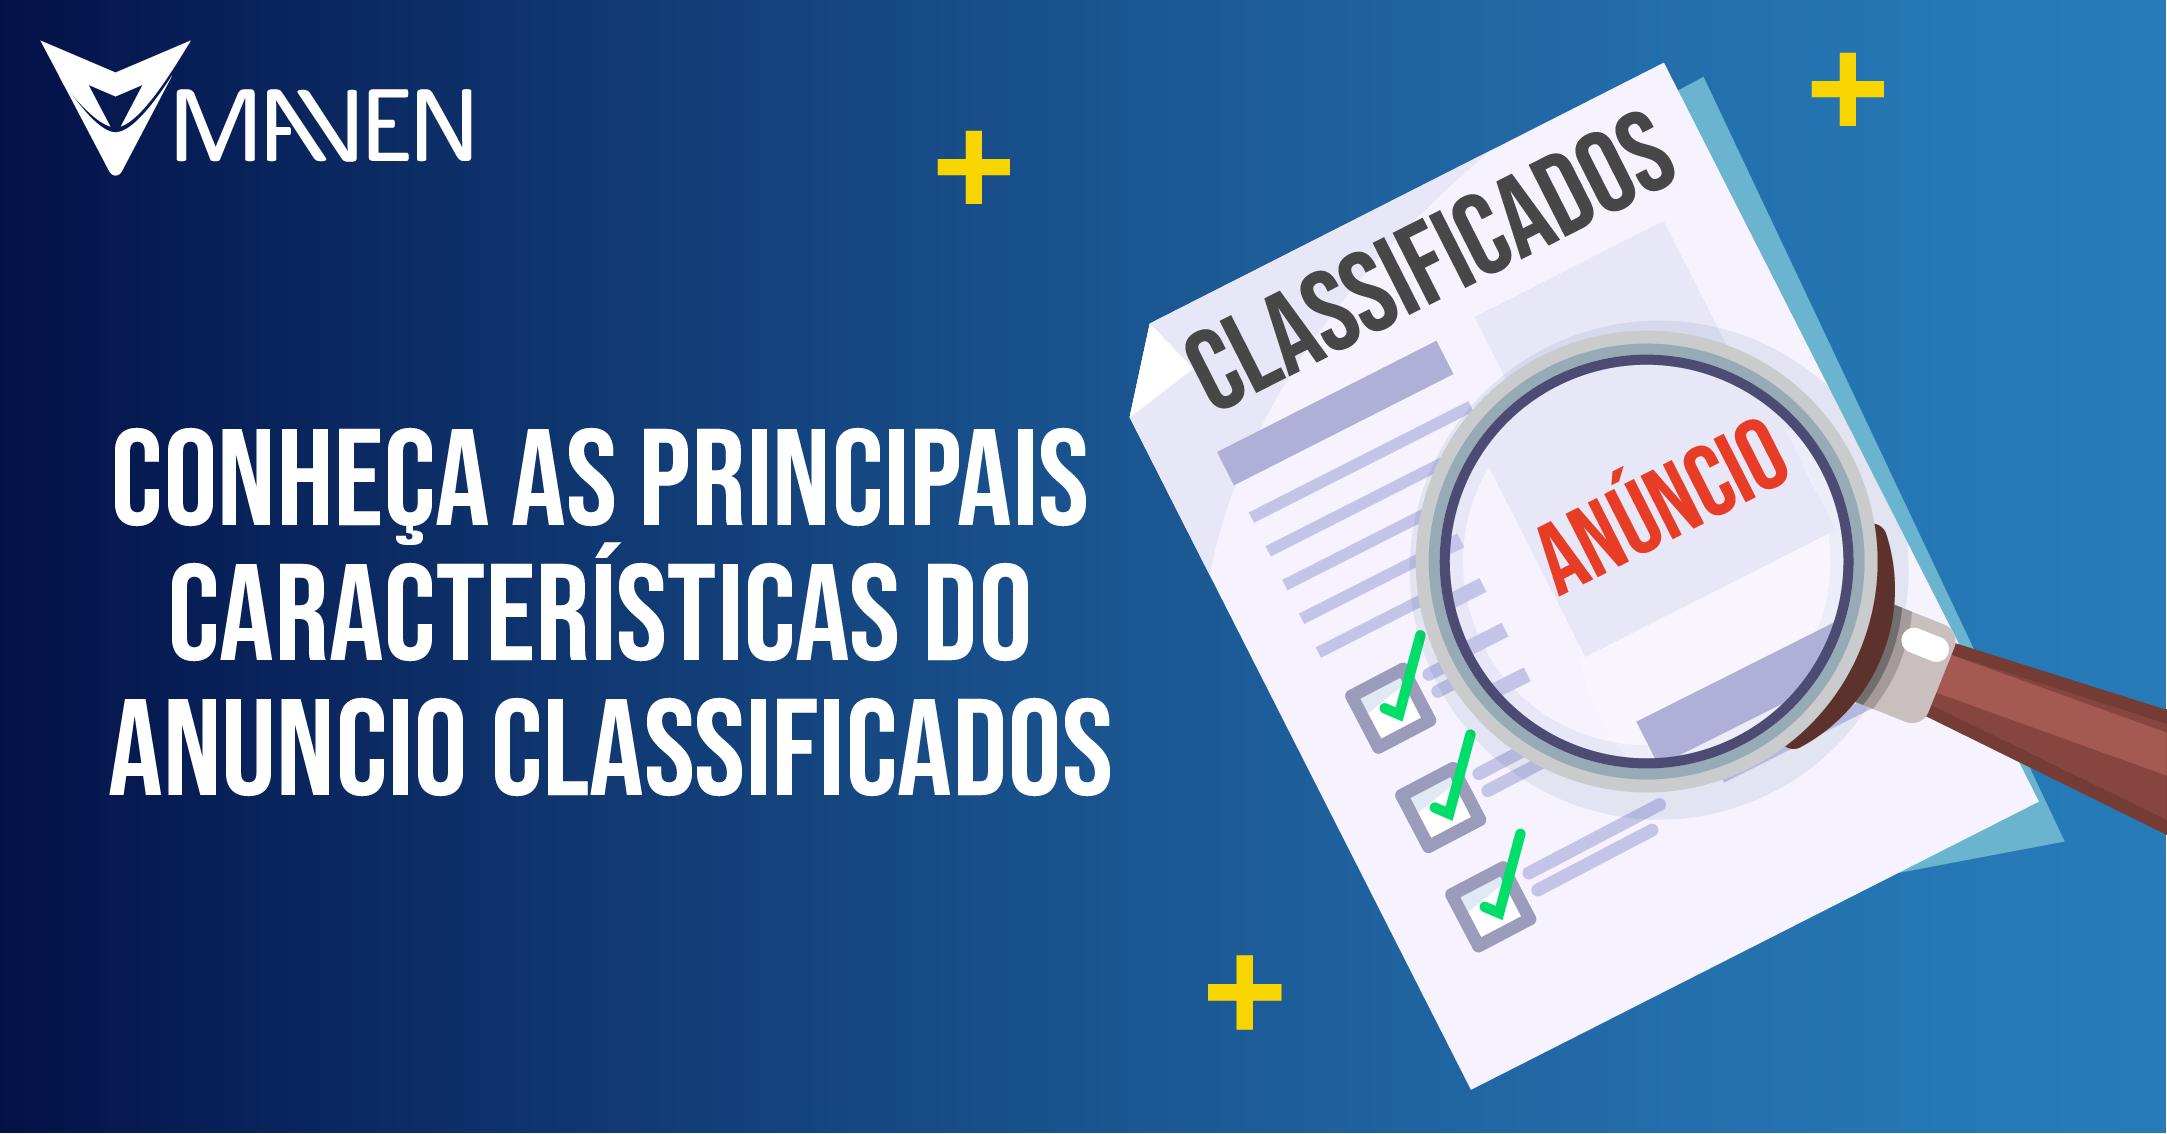 Conheça as principais características do anuncio classificados